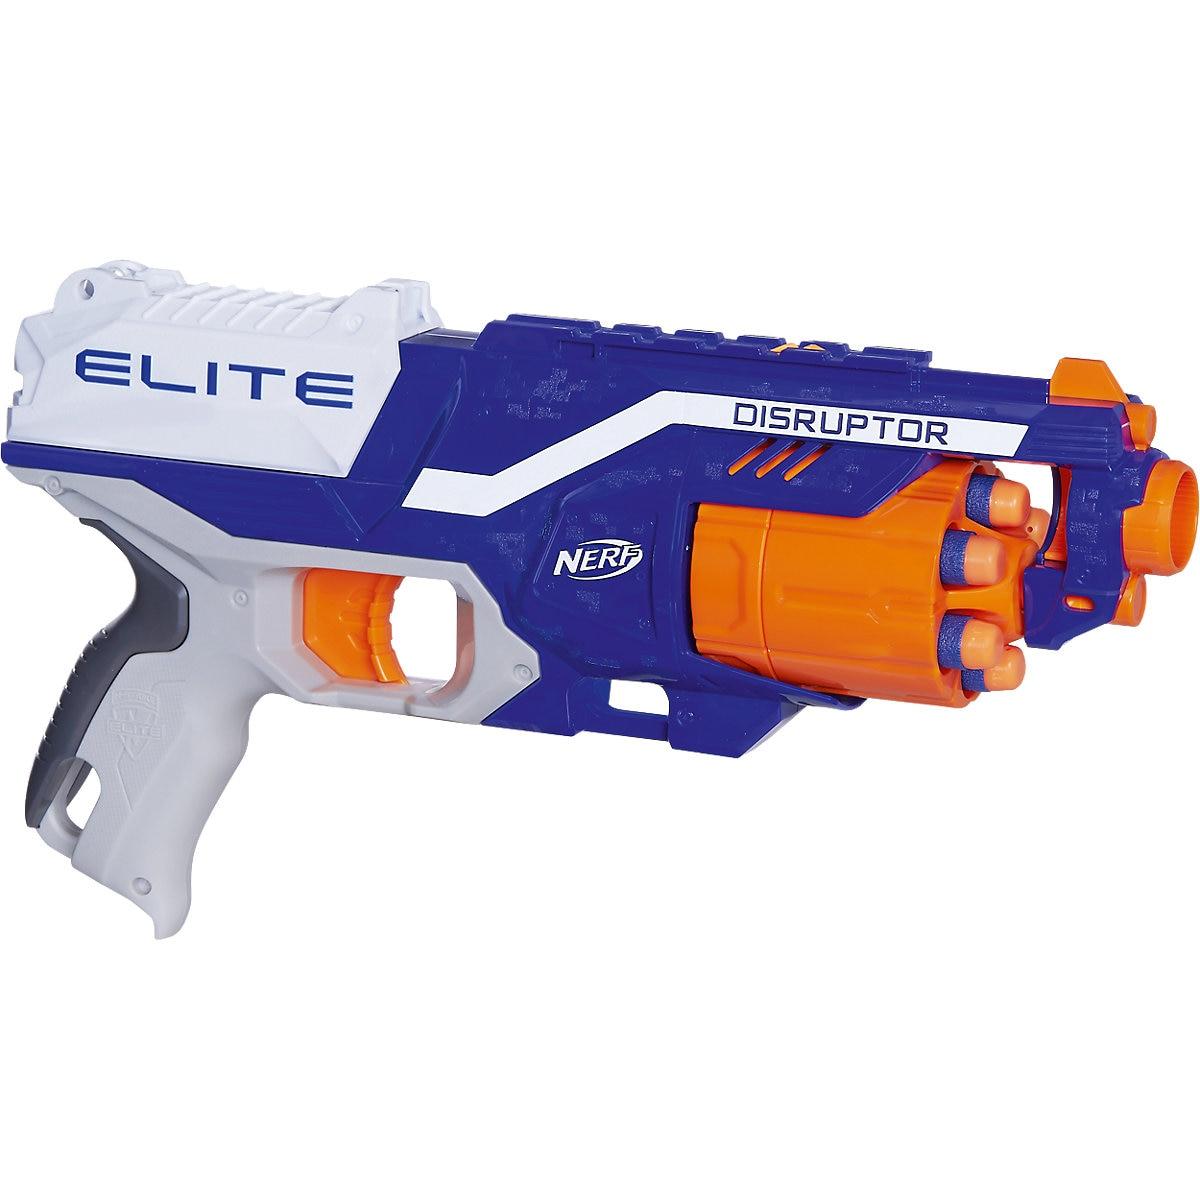 Jouets pistolets NERF 5104315 enfants jouet pistolet arme blaster garçons jeux de tir jeu de plein air MTpromo